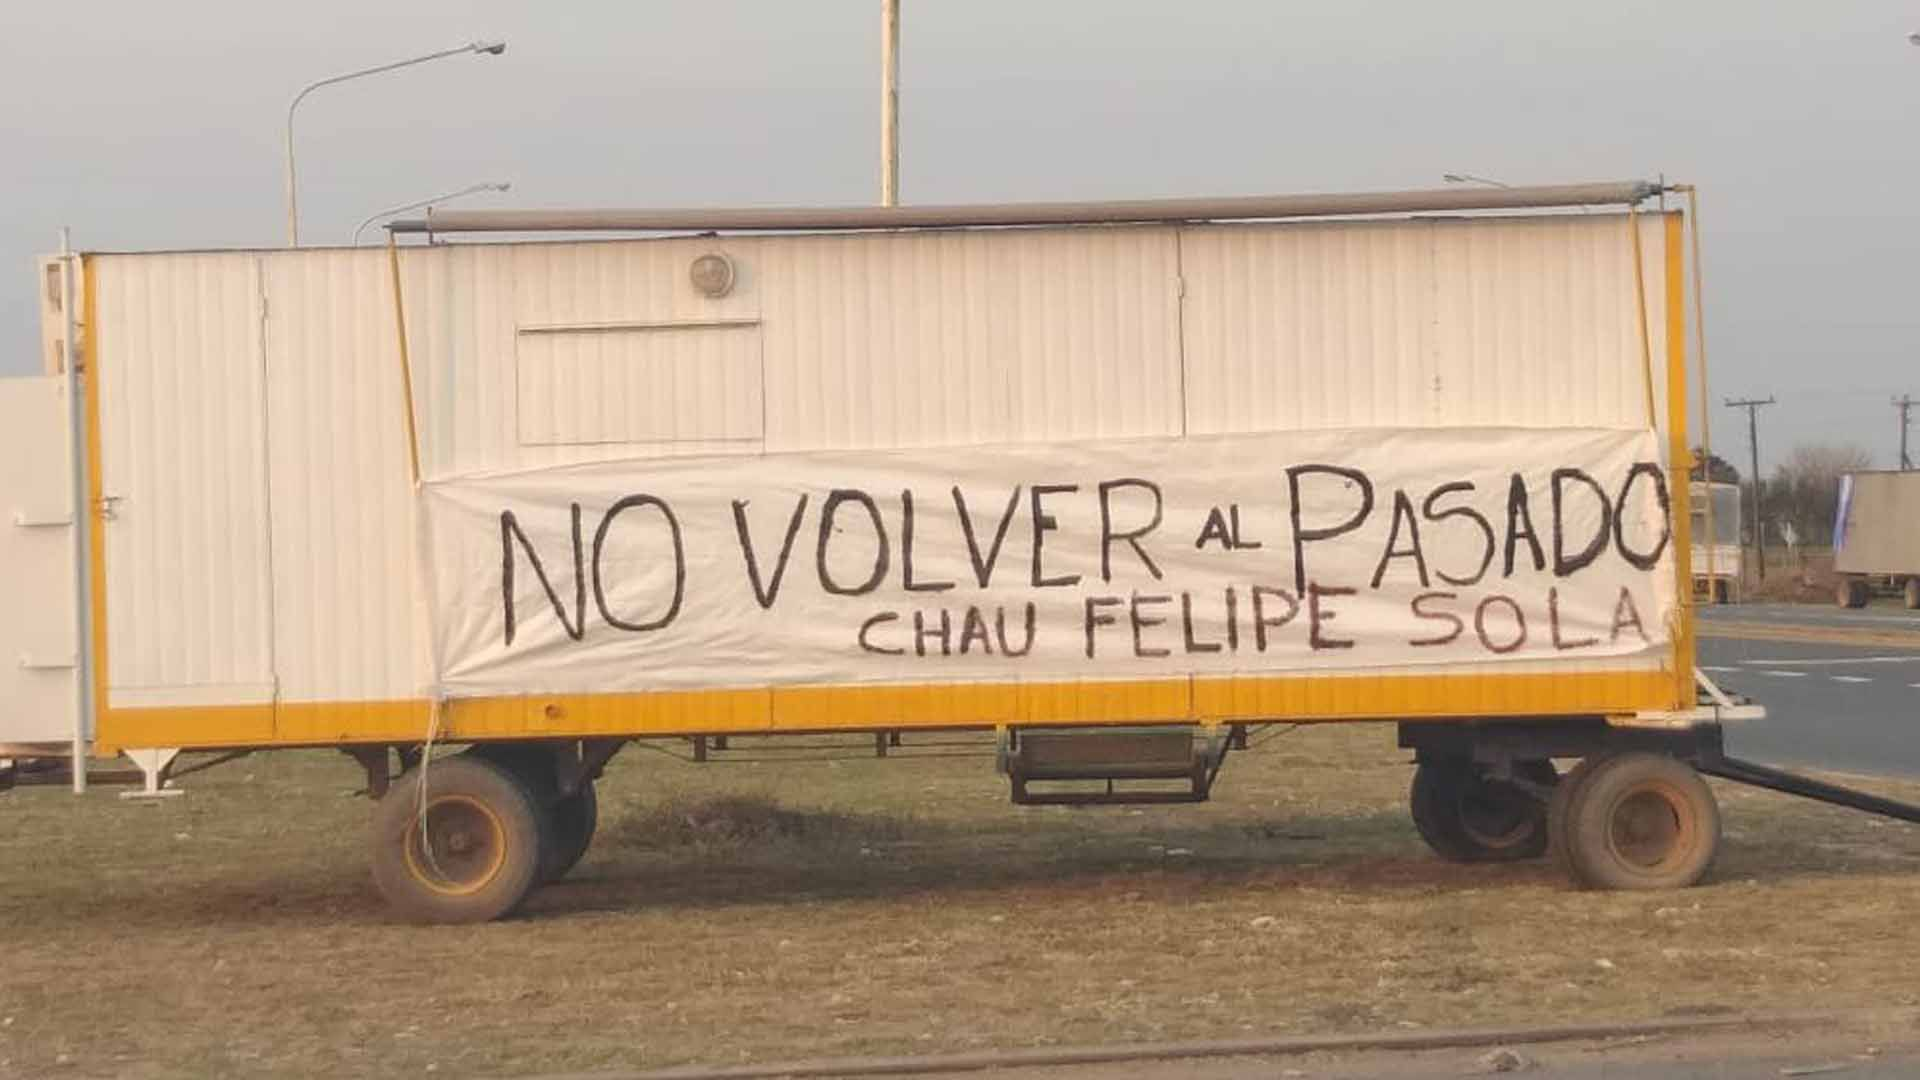 """Uno de los camiones de uno de los productores que se estacionó en la ruta con un cartel que decía """"No volver al pasado. Chau Felipe Solá"""""""